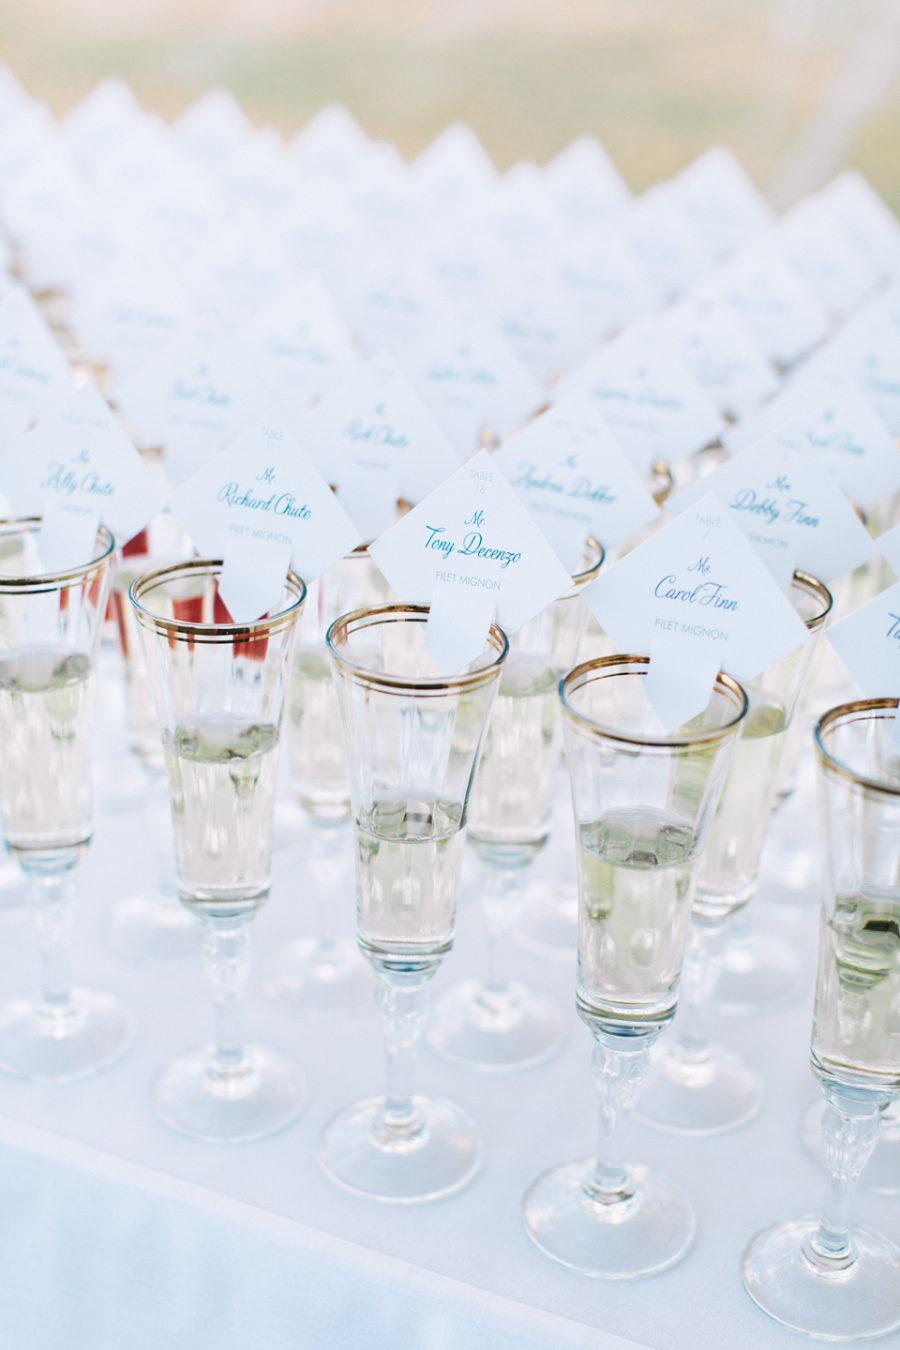 סאמר לאב: 8 רעיונות לשדרוג חתונת הקיץ שלכם